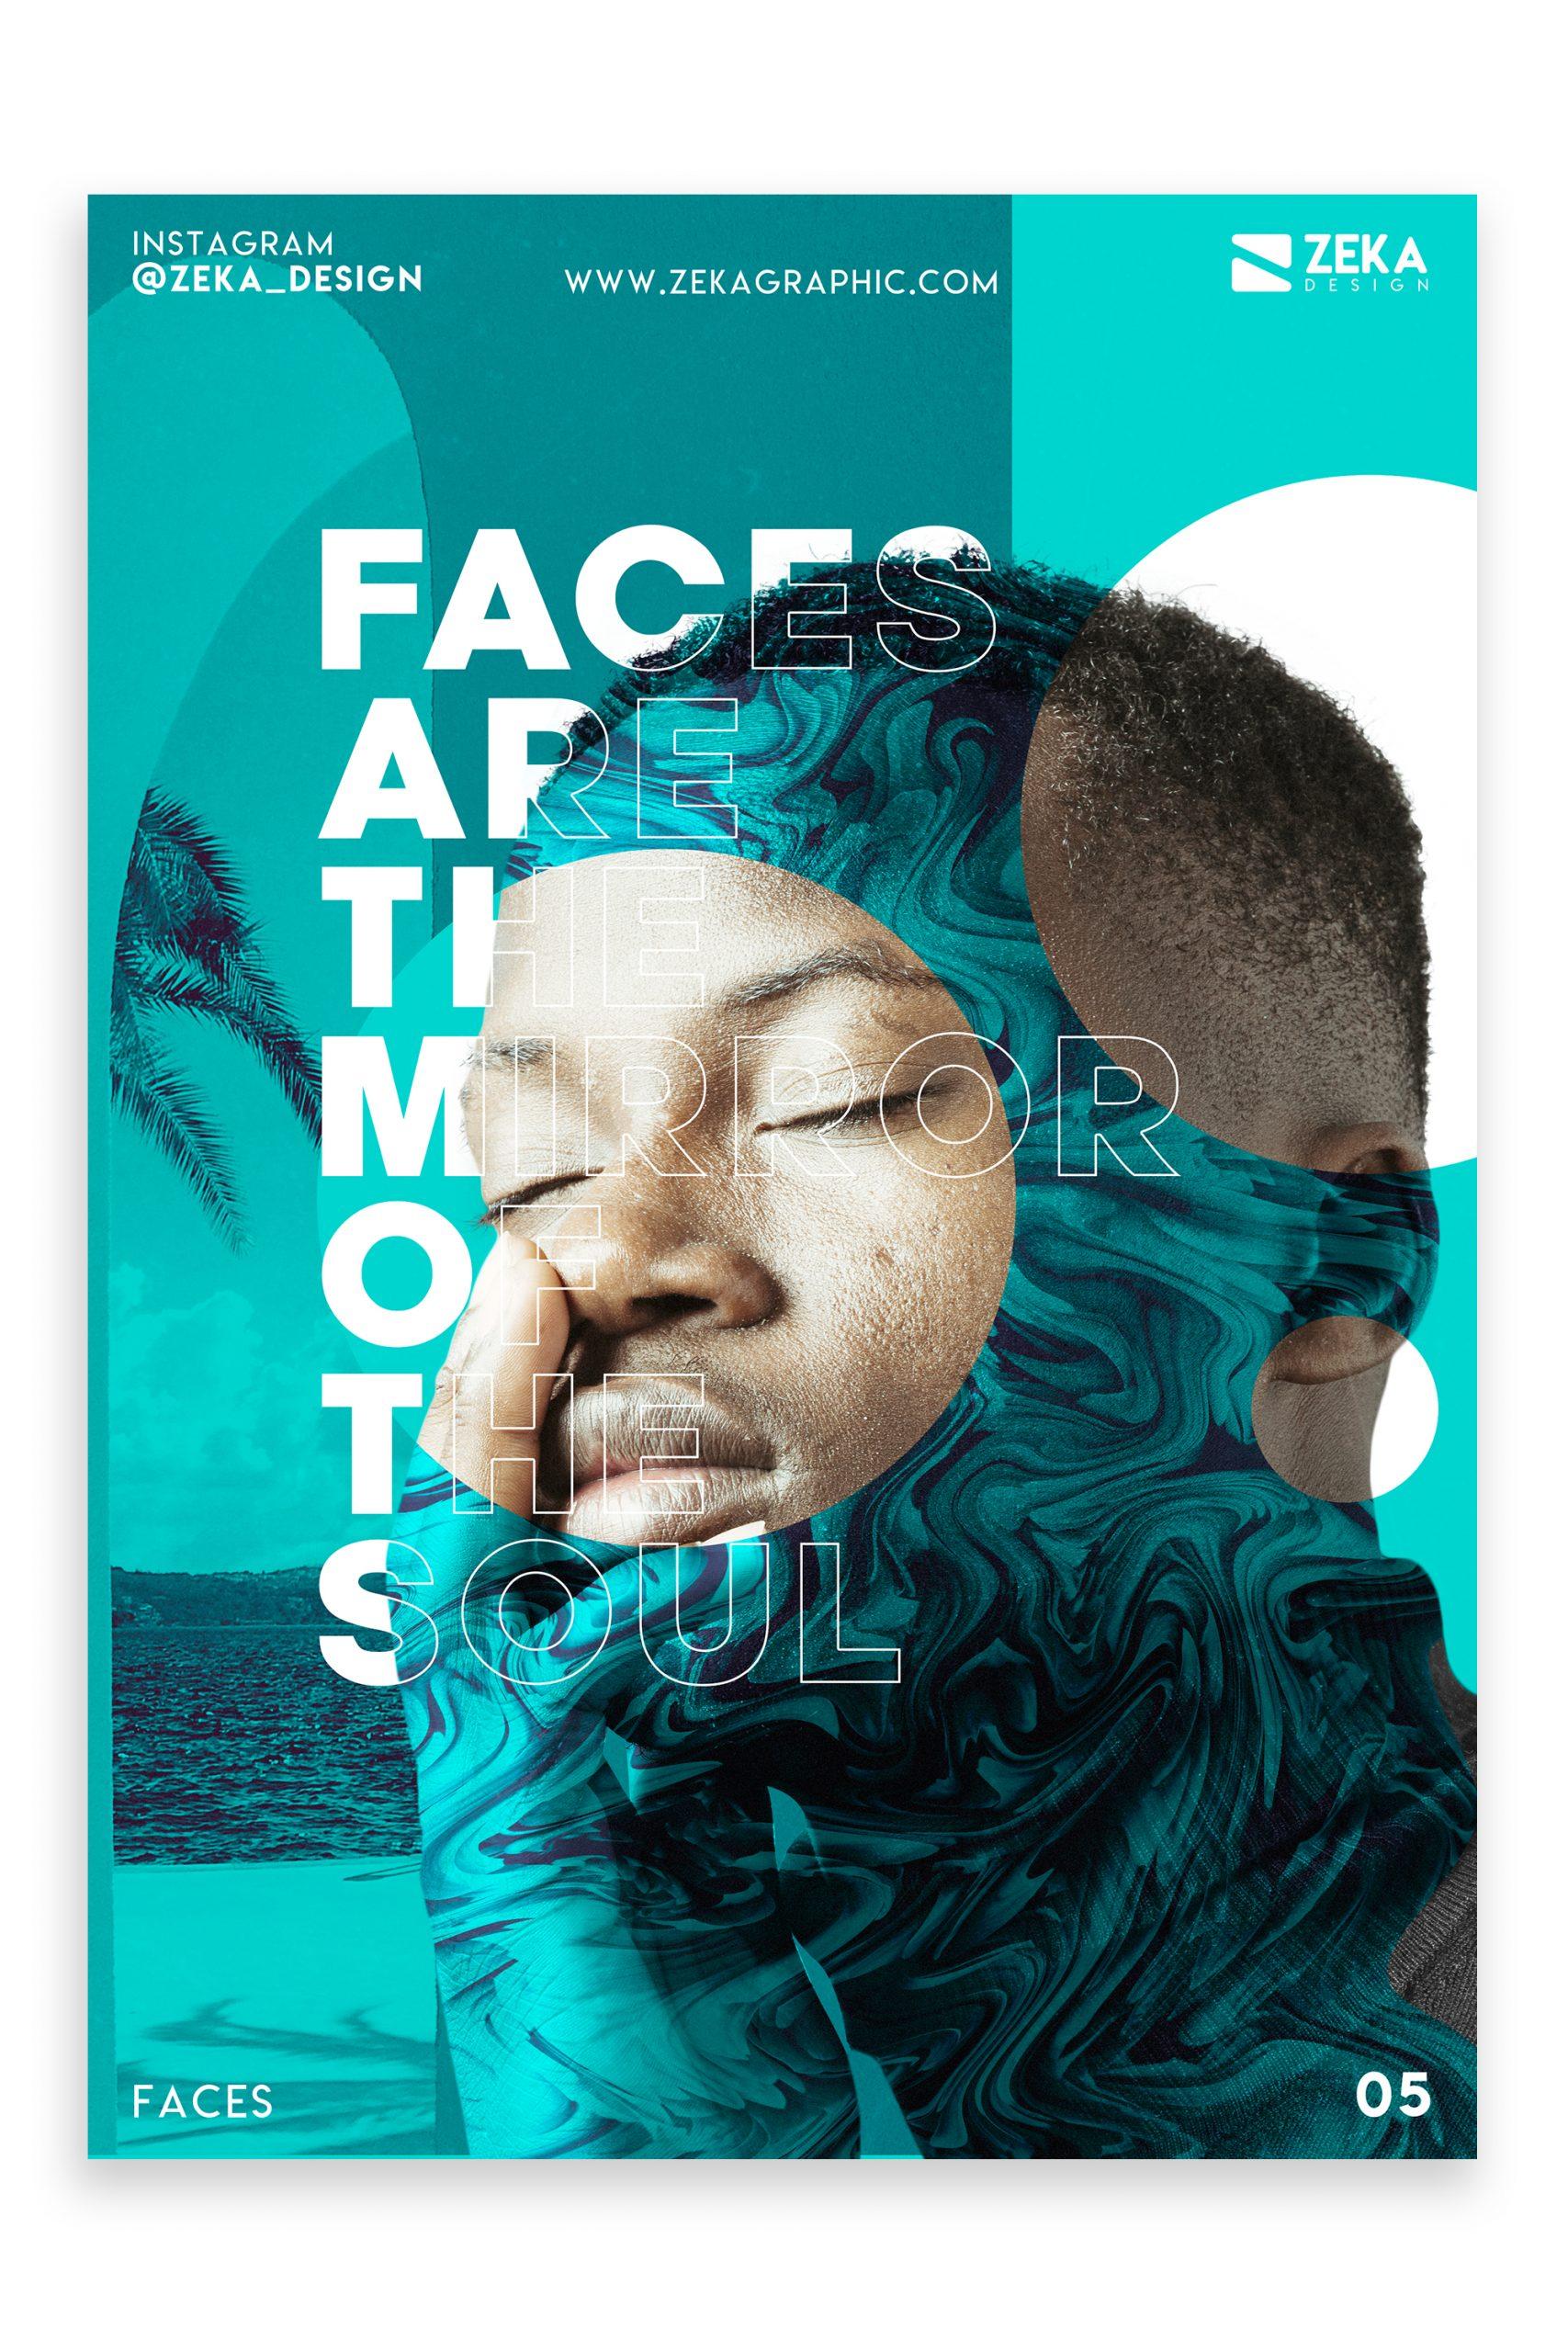 Faces Poster Design Inspiration Graphic Design Portfolio 5